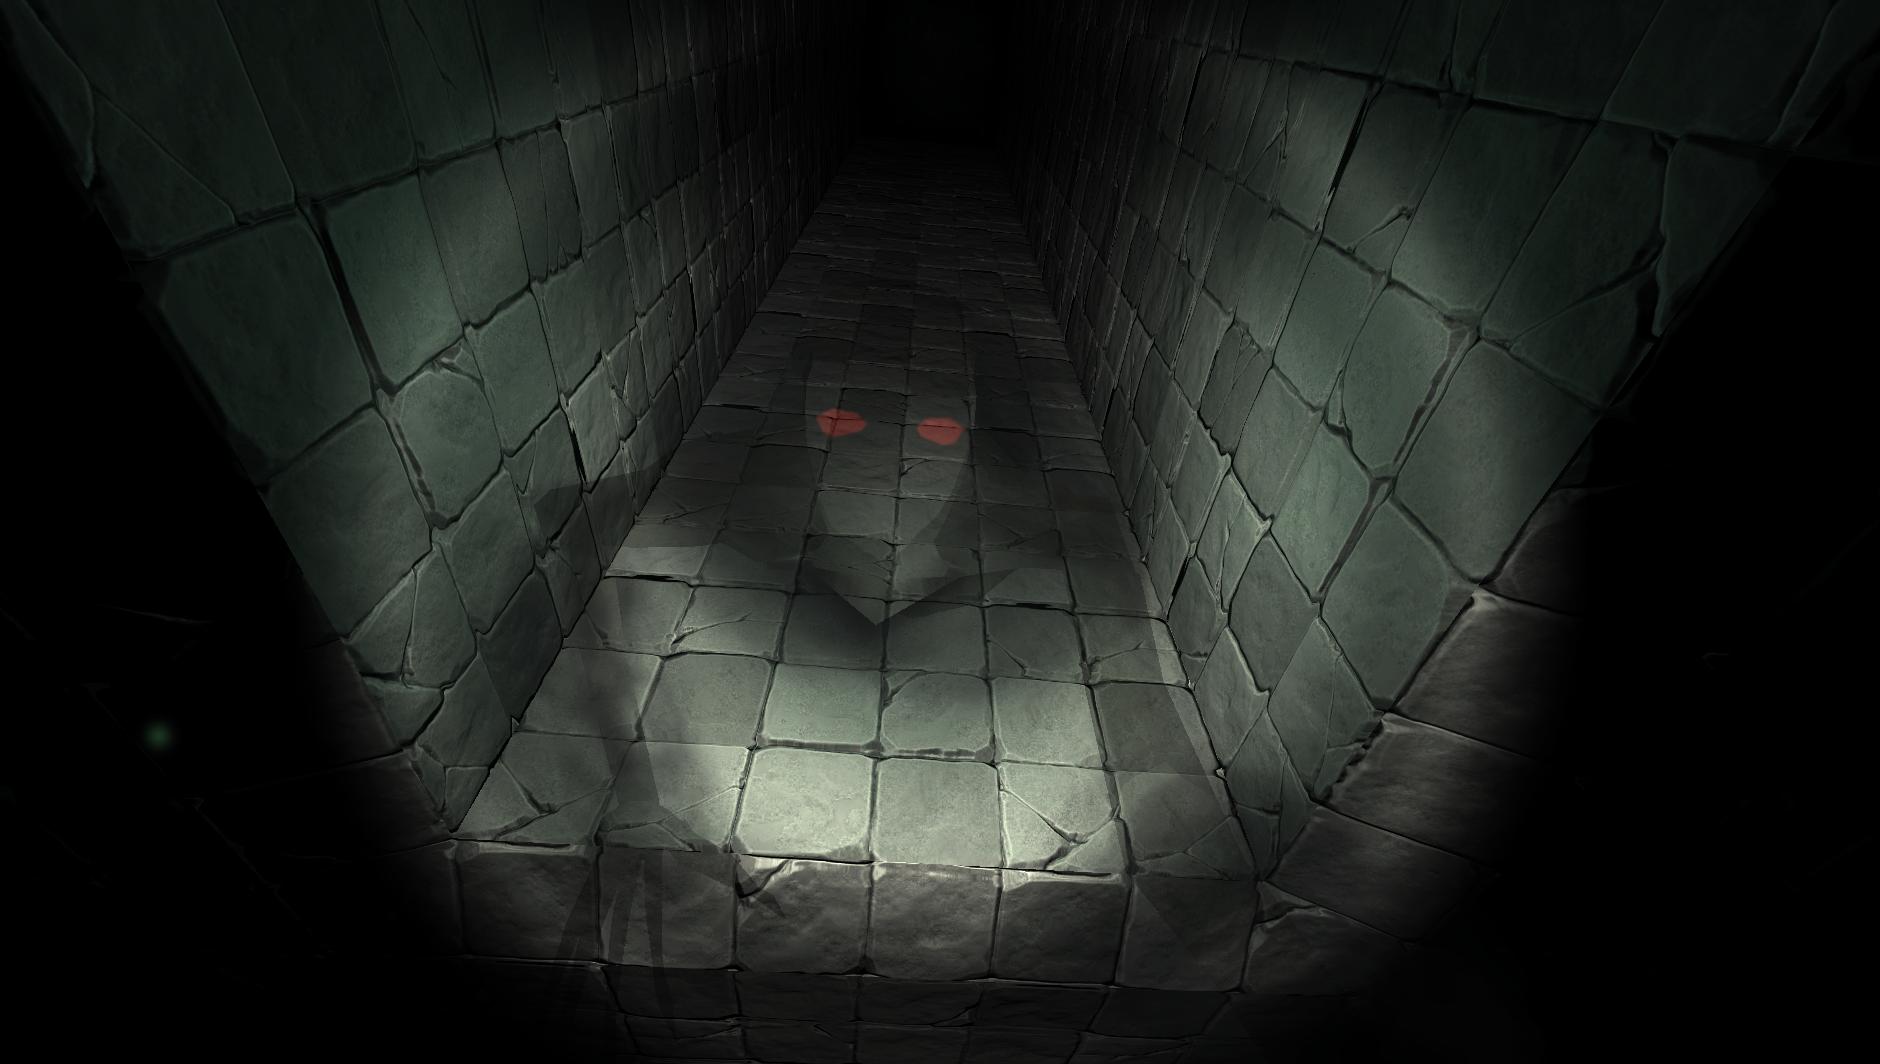 Hochwertig Schwarz Digitale Kunst Videospiele Einfarbig Dunkel Gruselig Horror  Minimalismus Betrachtung Schatten Flur Symmetrie Rote Augen Textur